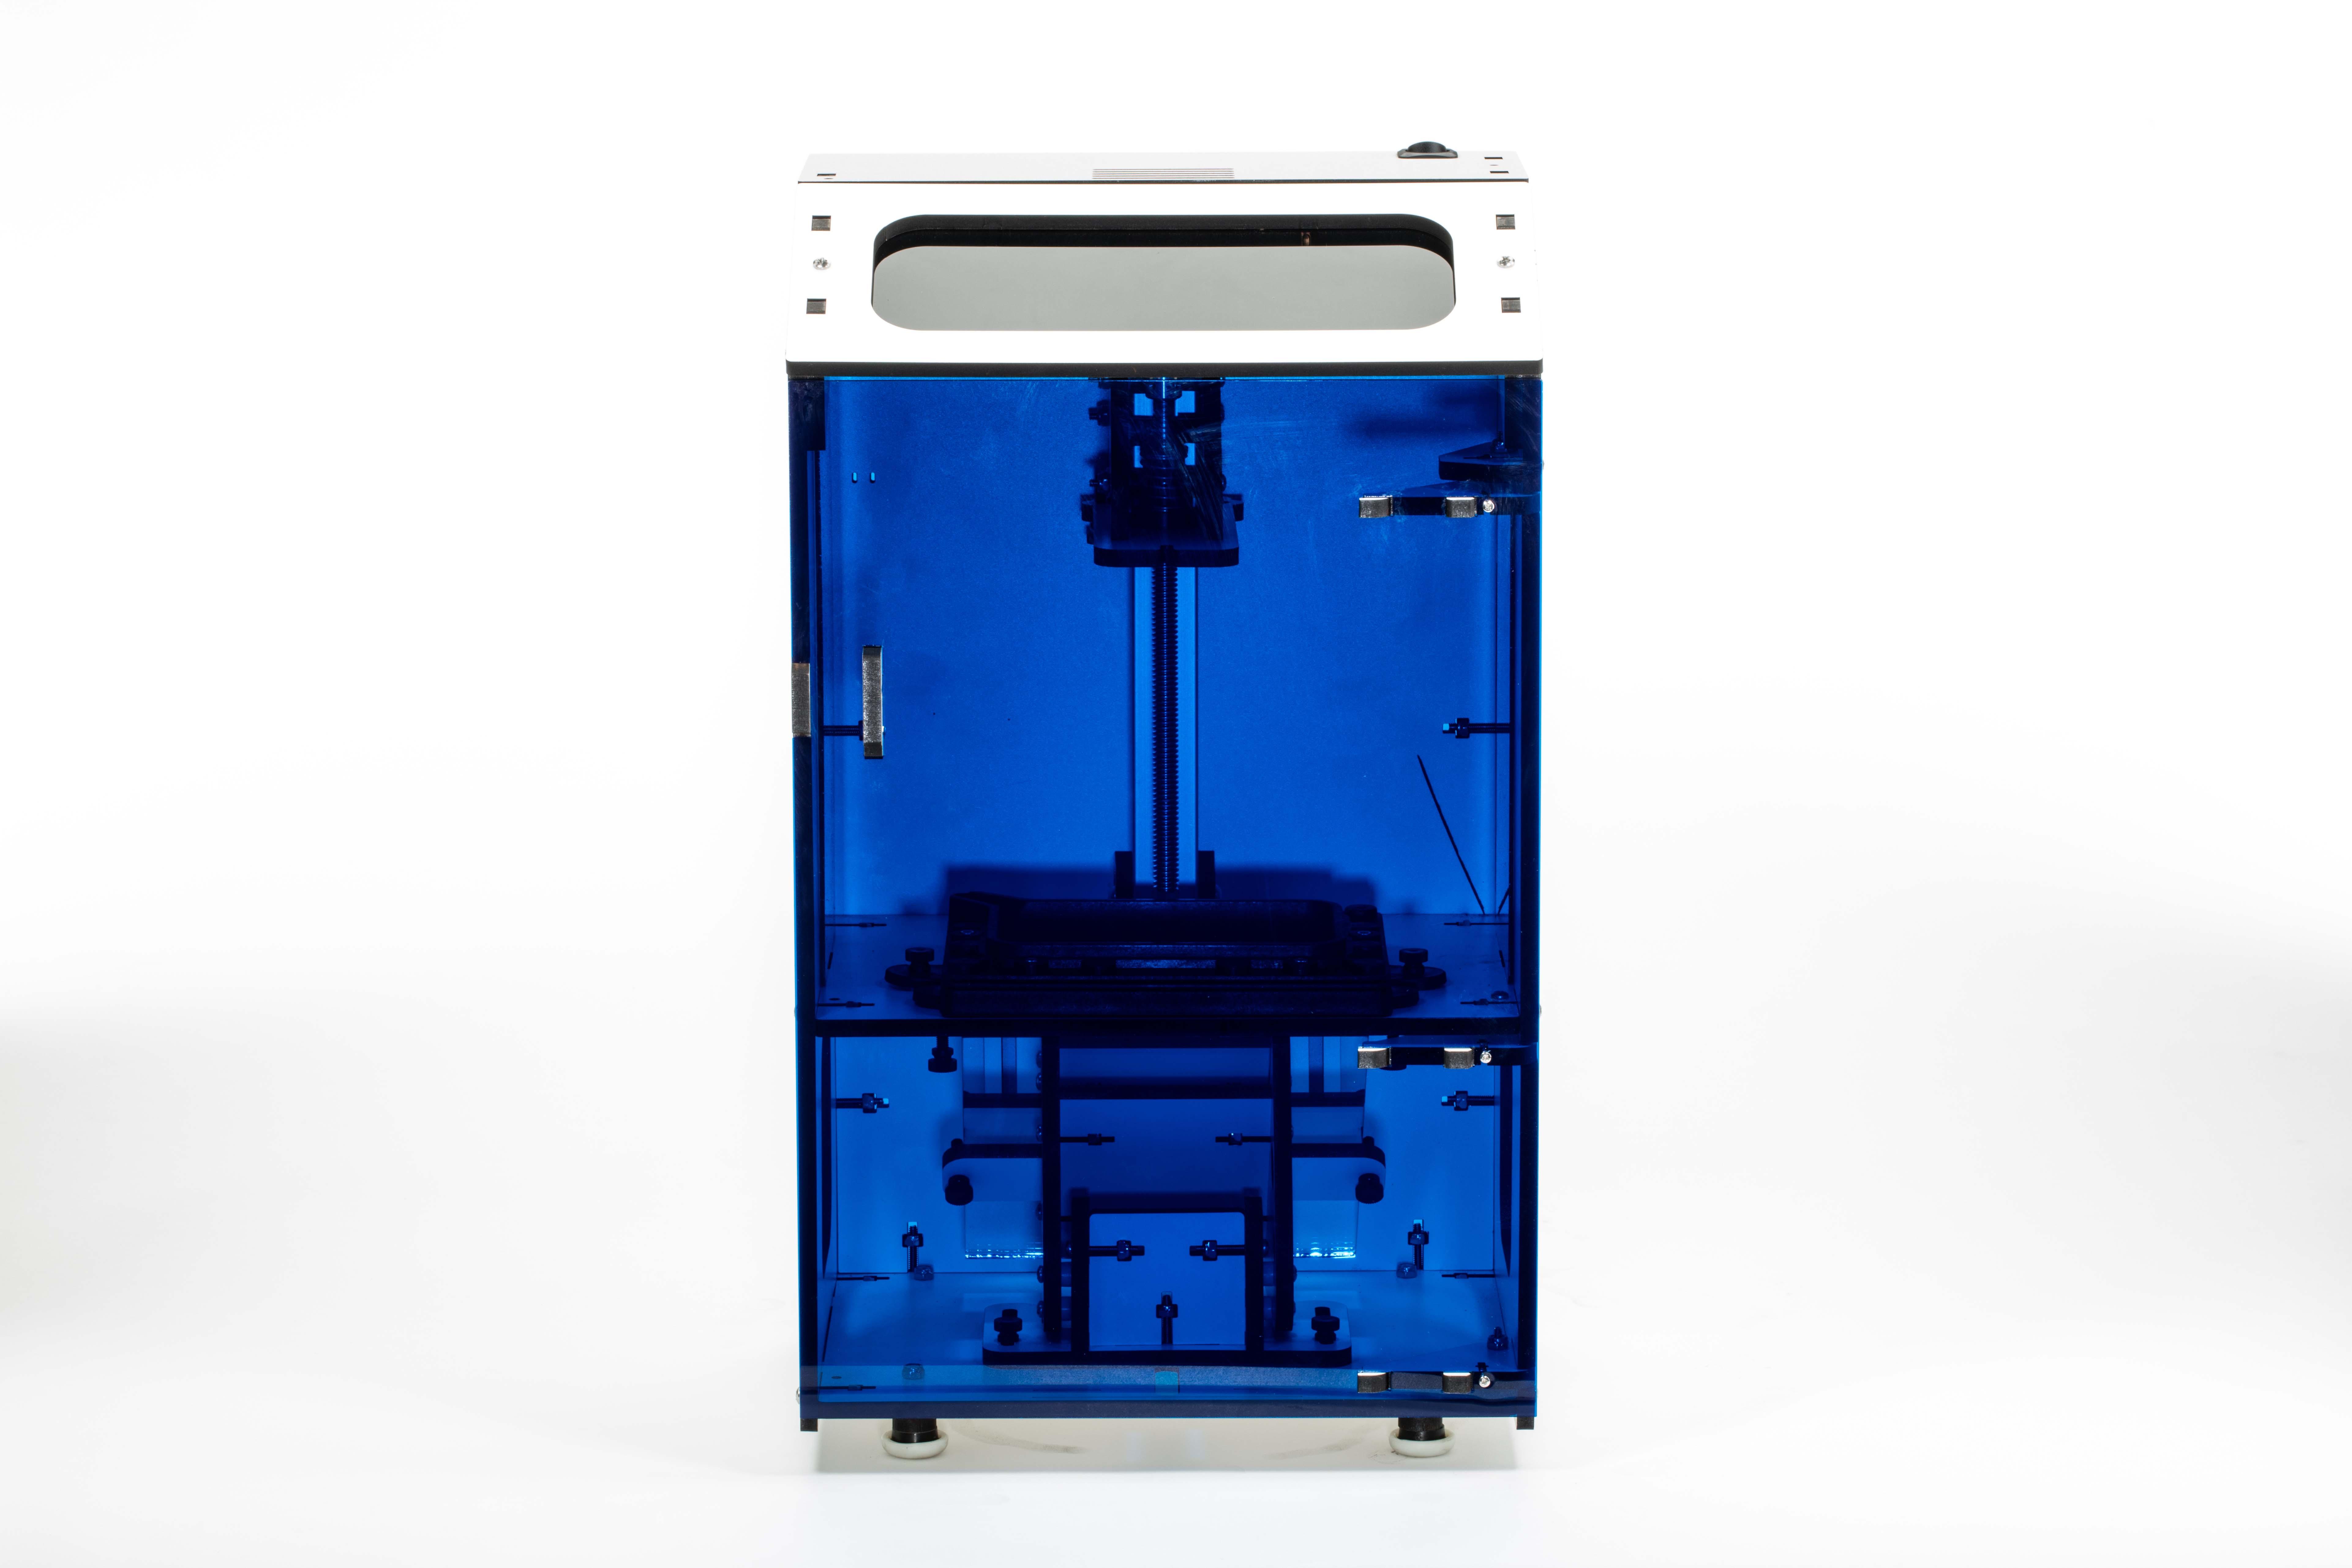 Review: The Droplit v2 Resin Printer